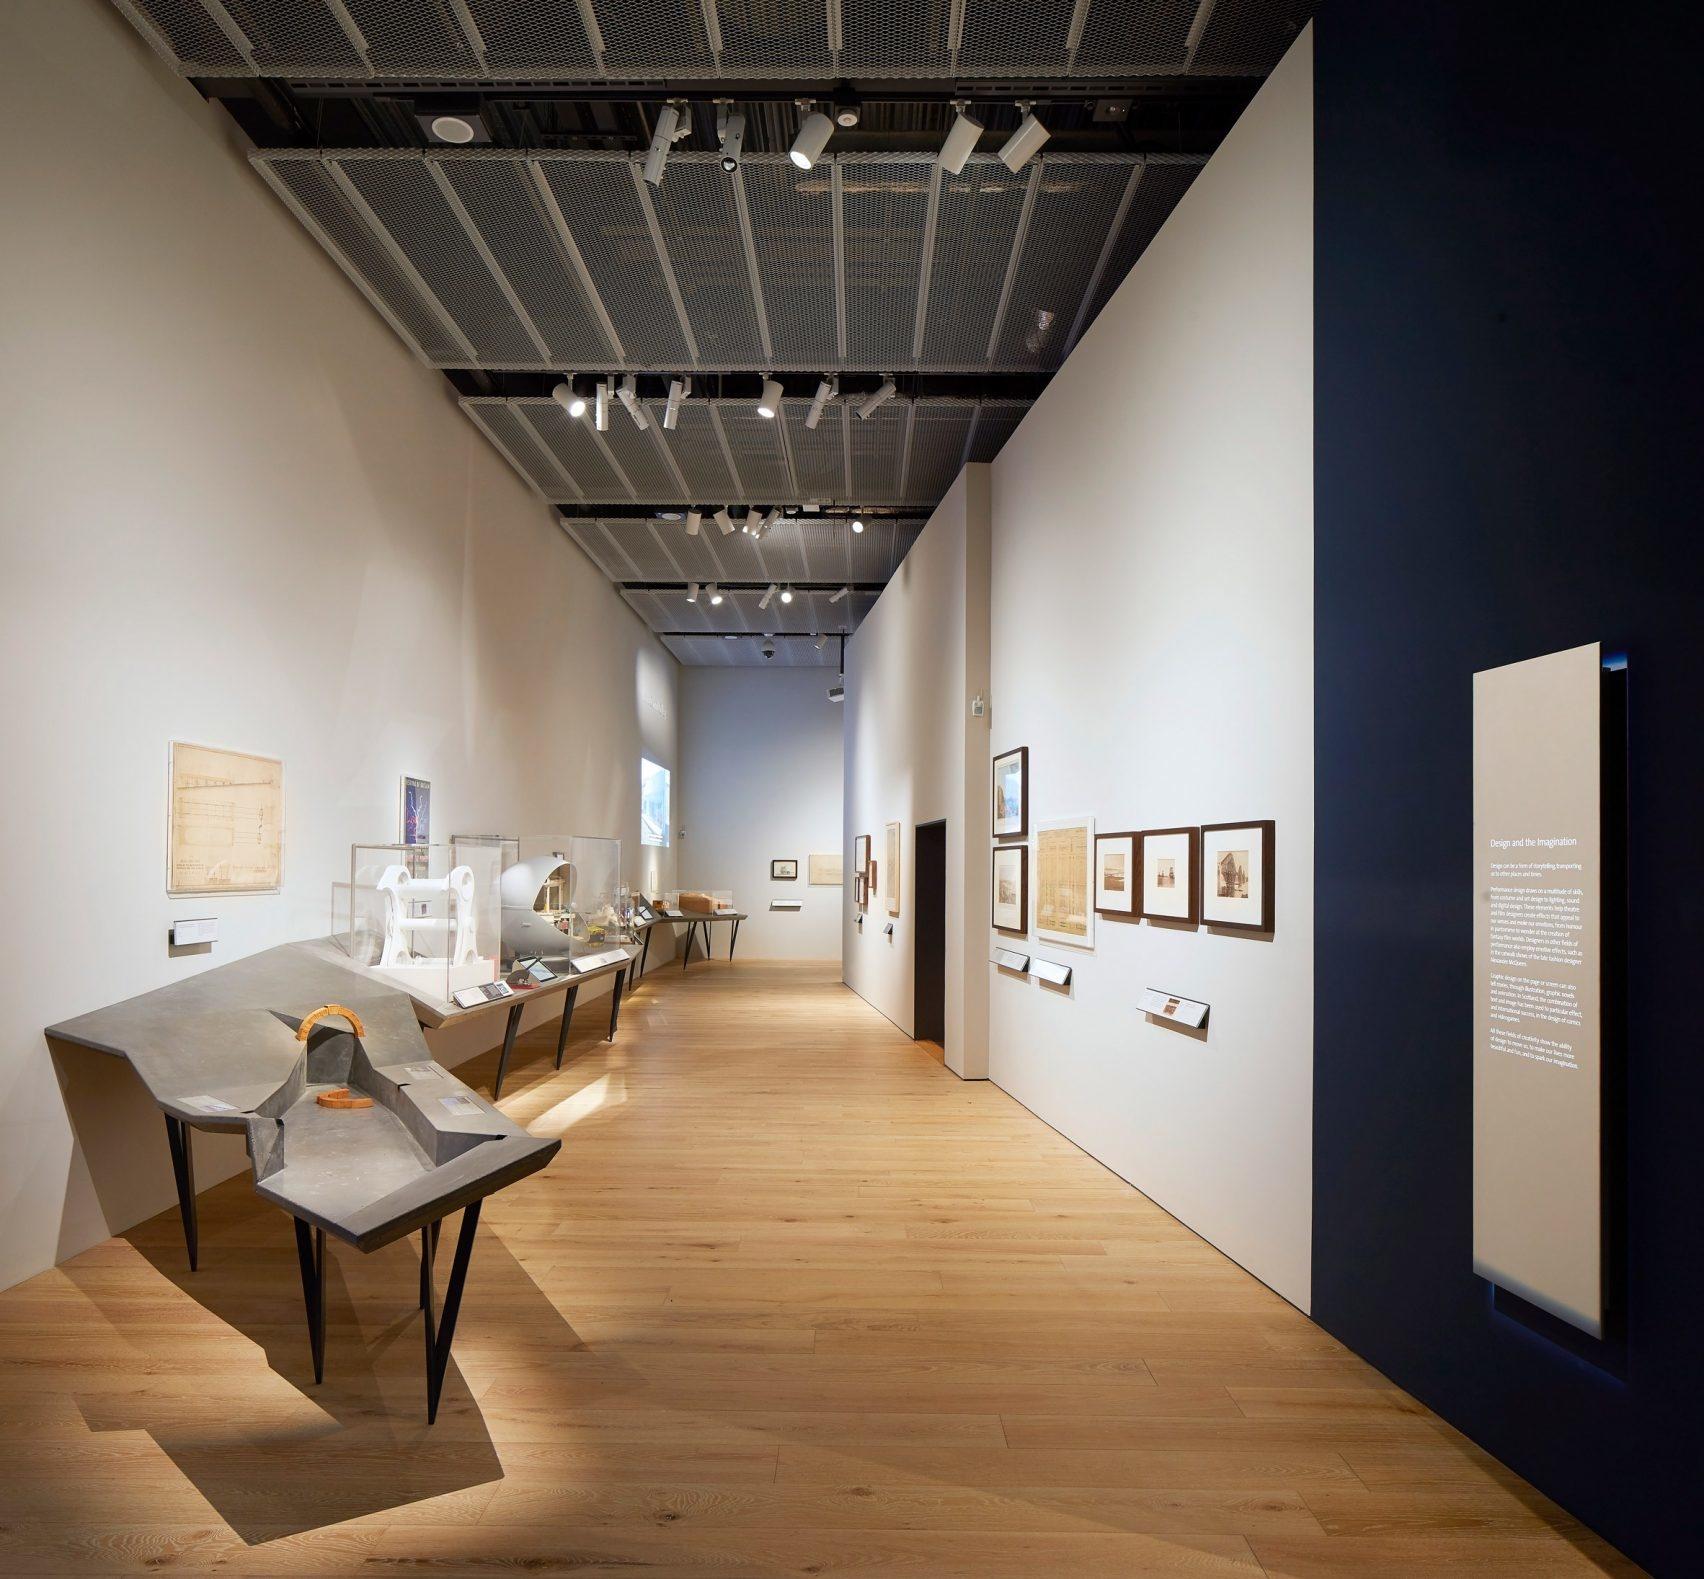 Музей Виктории и Альберта по проекту  Кенго Кумы открывается в Данди (галерея 11, фото 4)